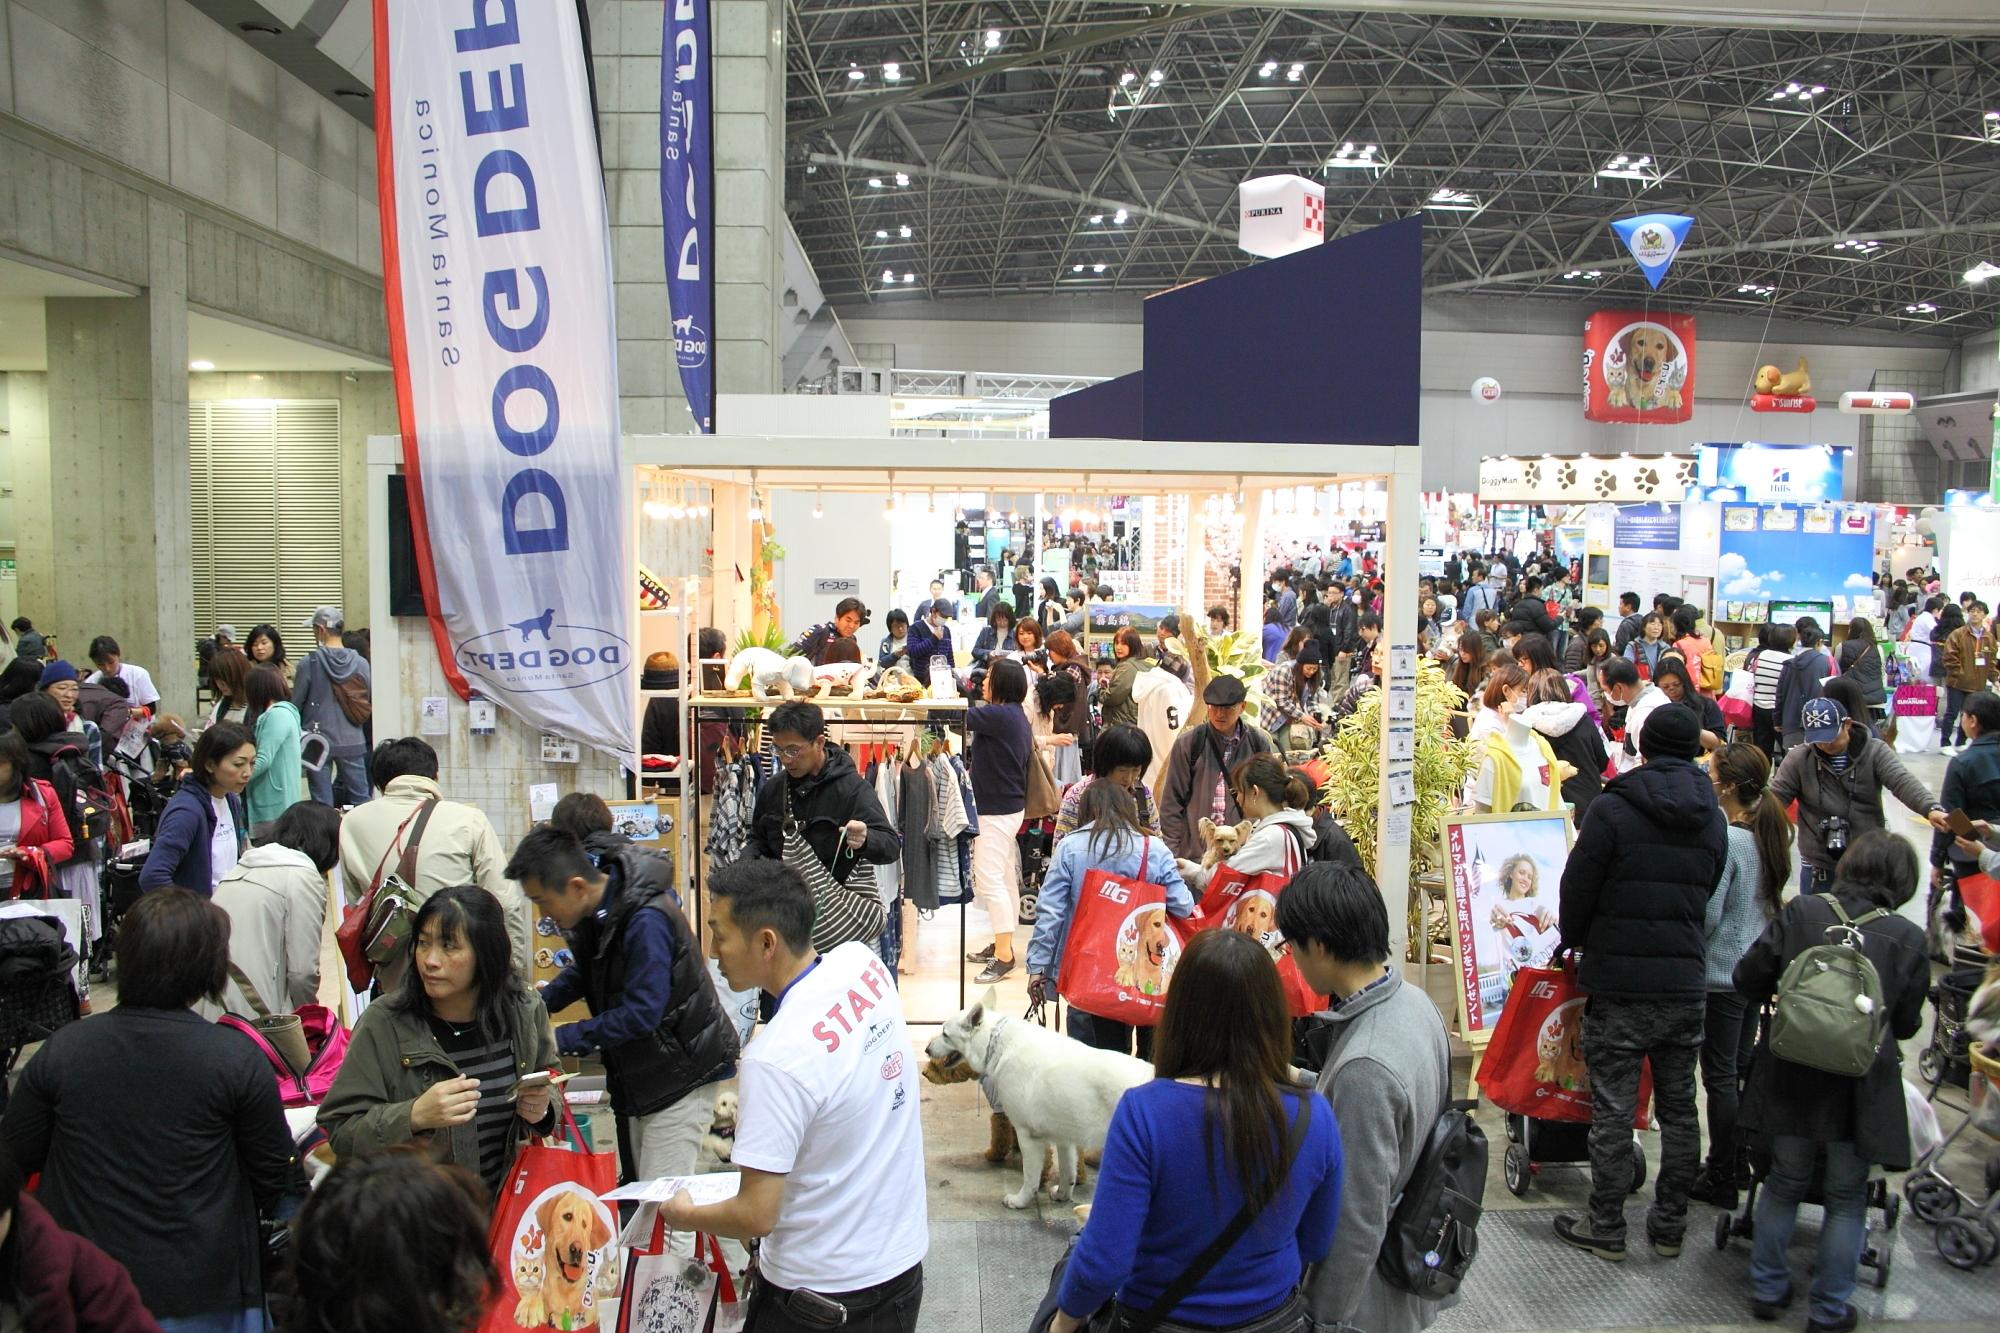 第7回『Interpets~人とペットの豊かな暮らしフェア~』 日本最大級のペットイベント開催!